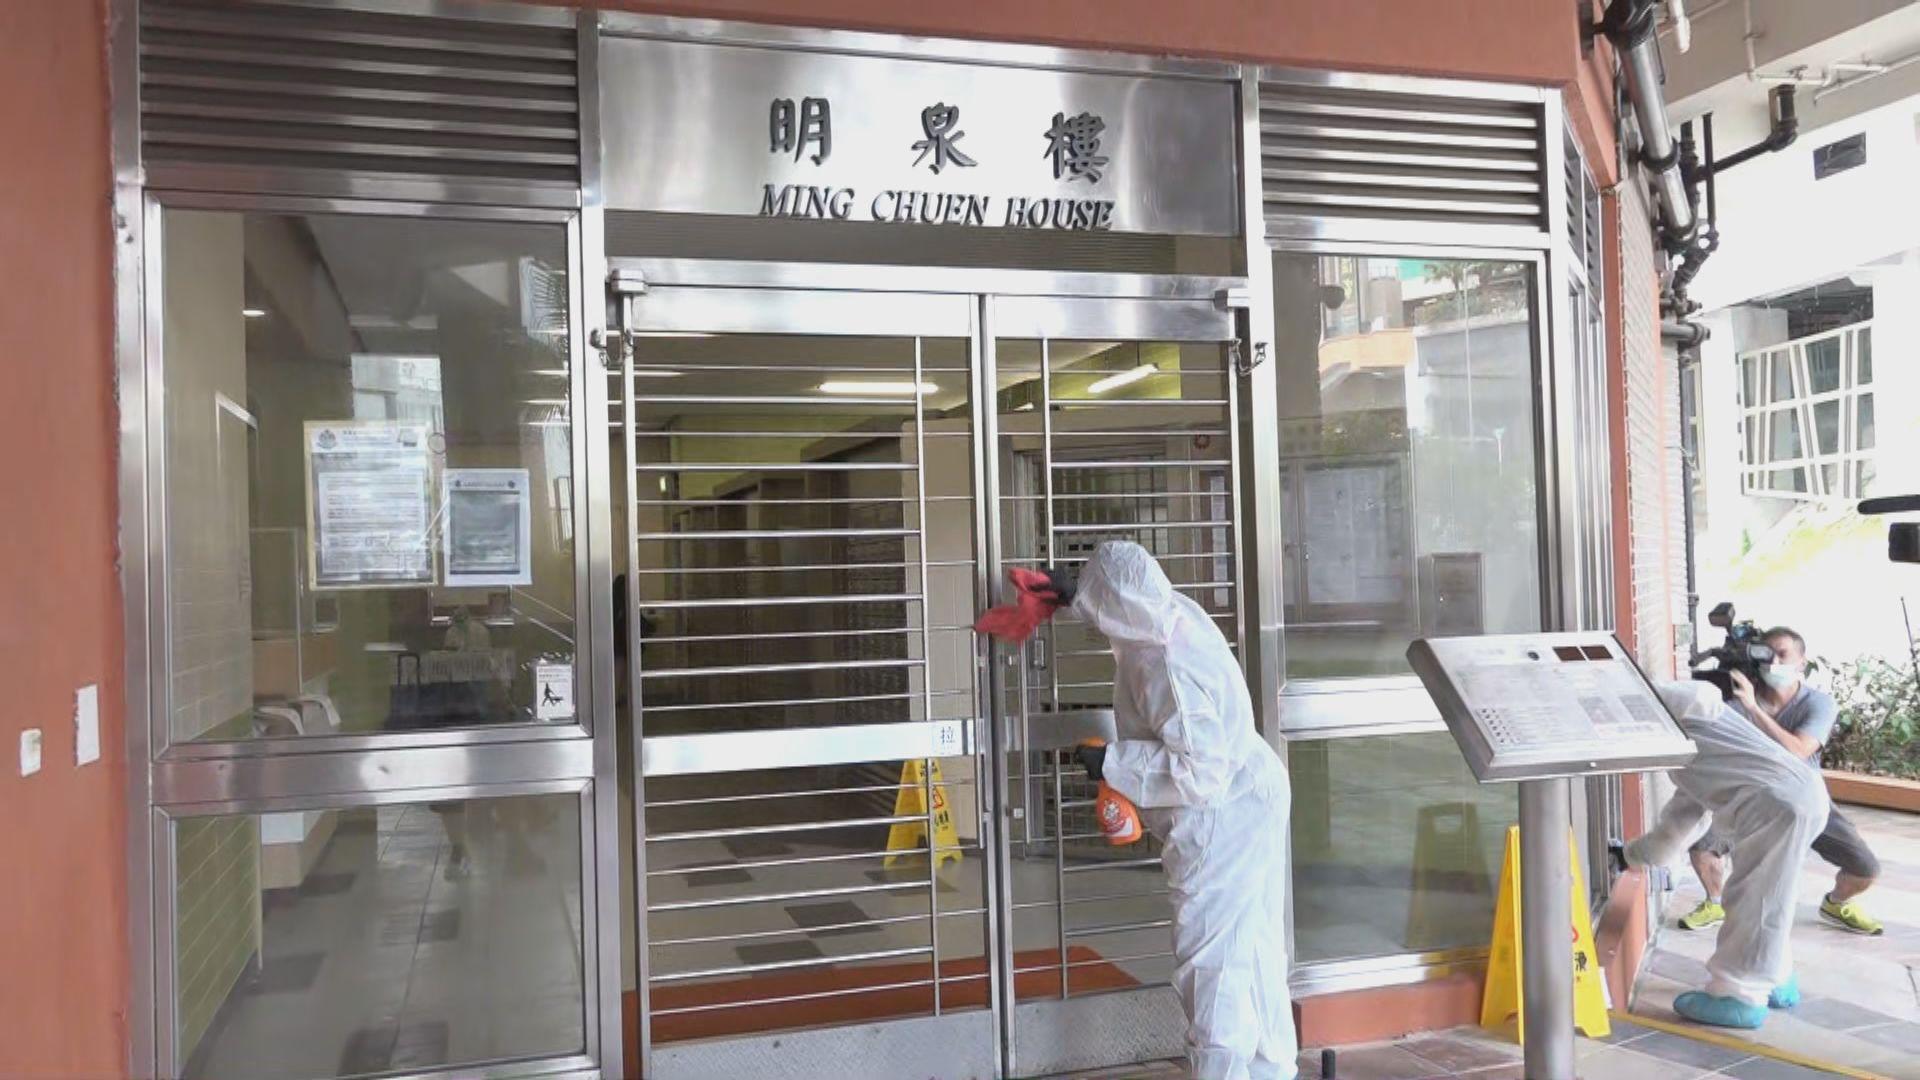 消息:新增至少30宗初步確診 11人居水泉澳邨